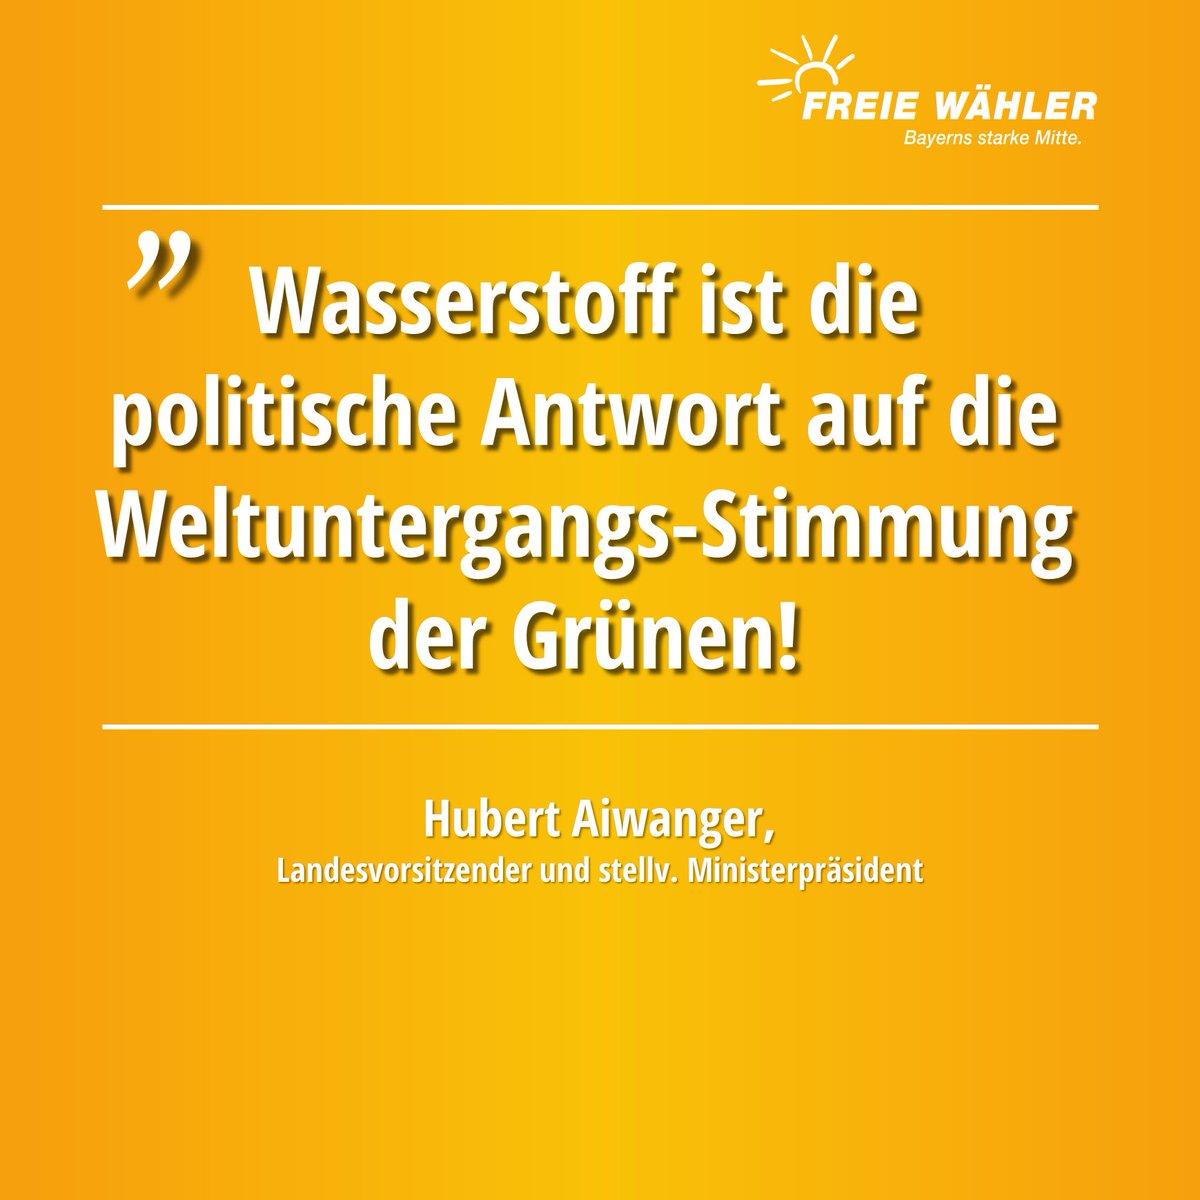 .@HubertAiwanger #Energie #Energiewende  #Umwelt #PositivNachVorne #Wasserstoff 👇 https://t.co/dRQ9hb24kk